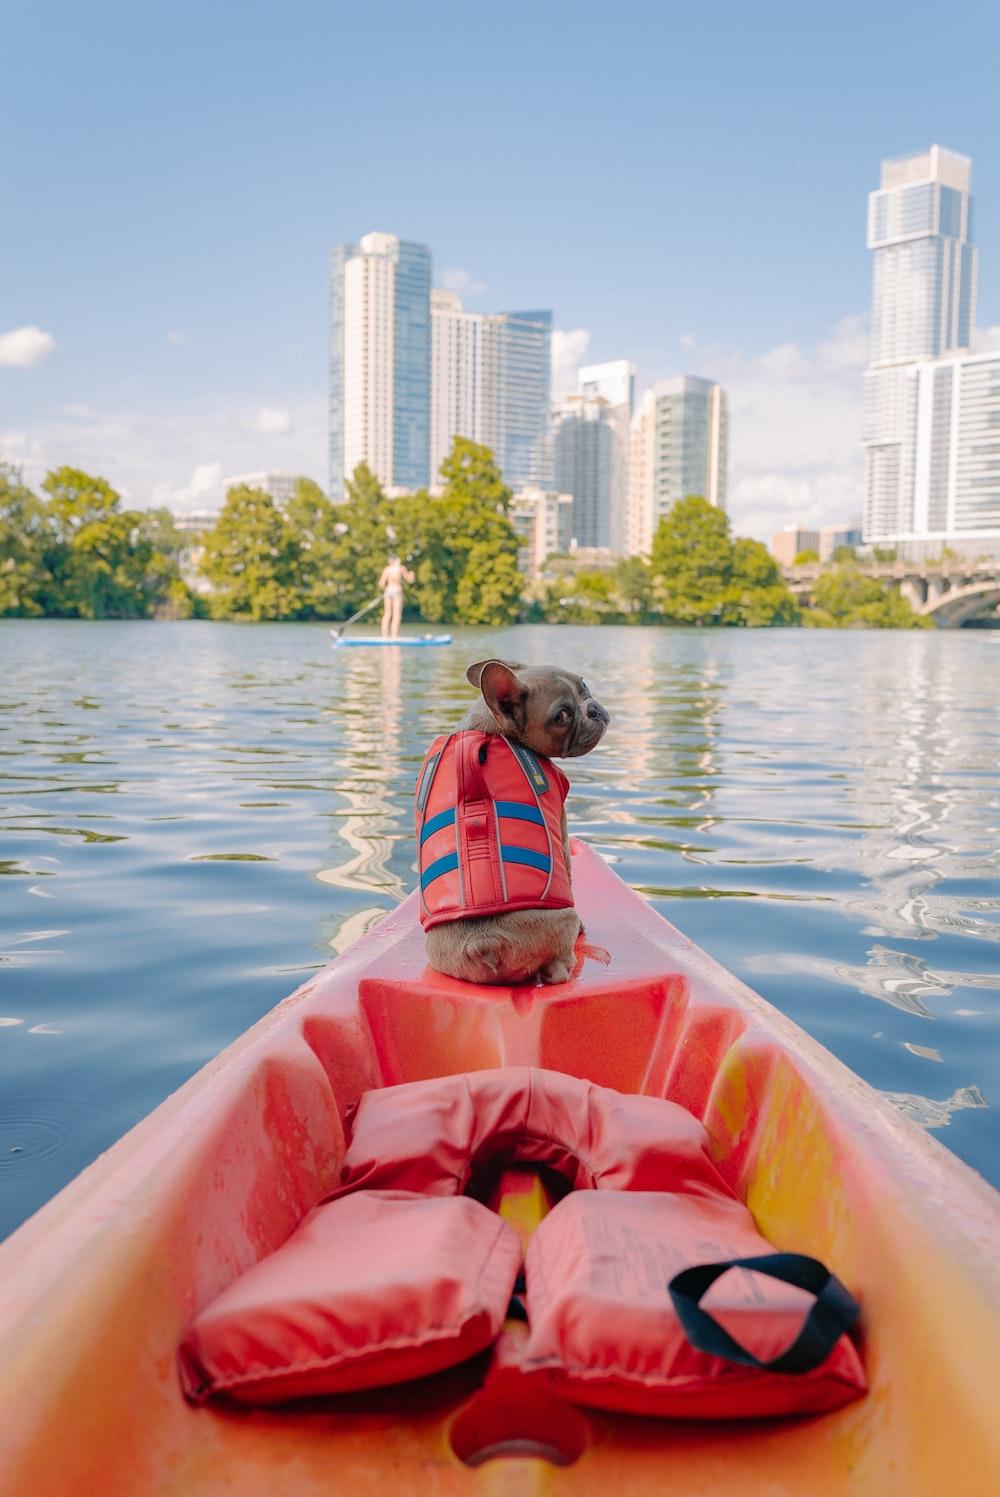 brown short coated dog on orange kayak on body of water during daytime